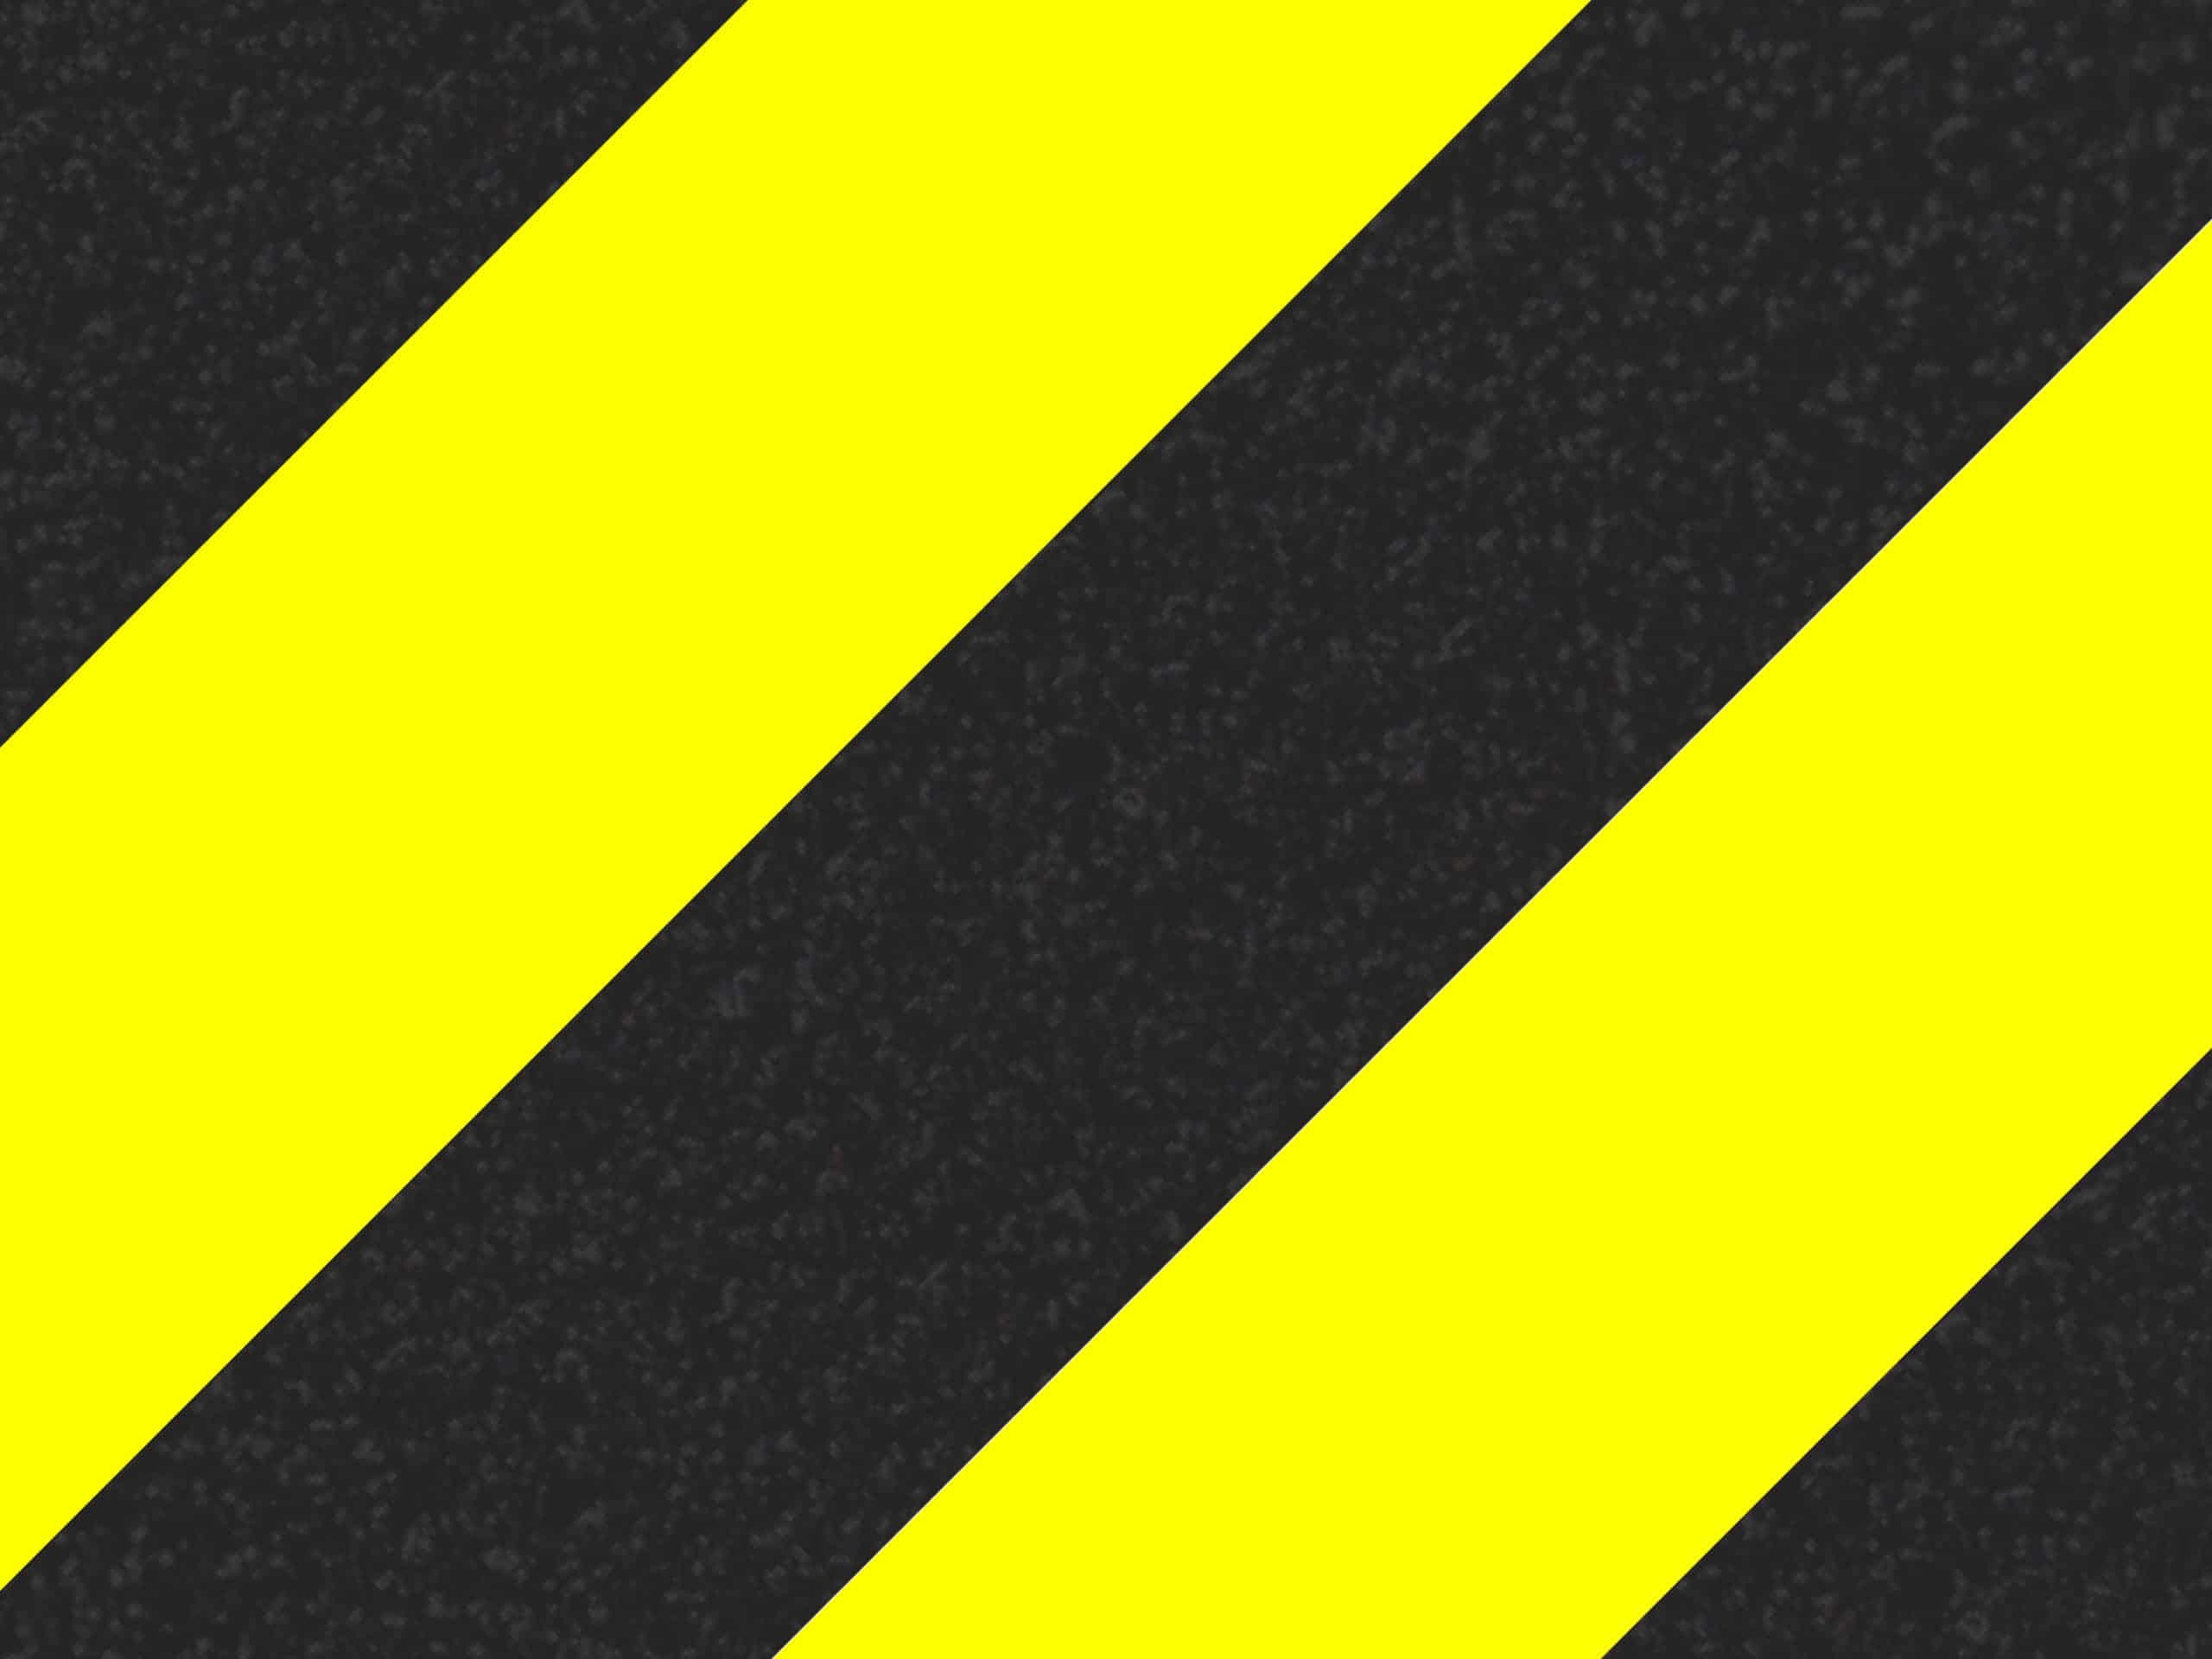 Bodenmarkierungsband Streifen Fußboden Sperrzone Abstand halten Corona